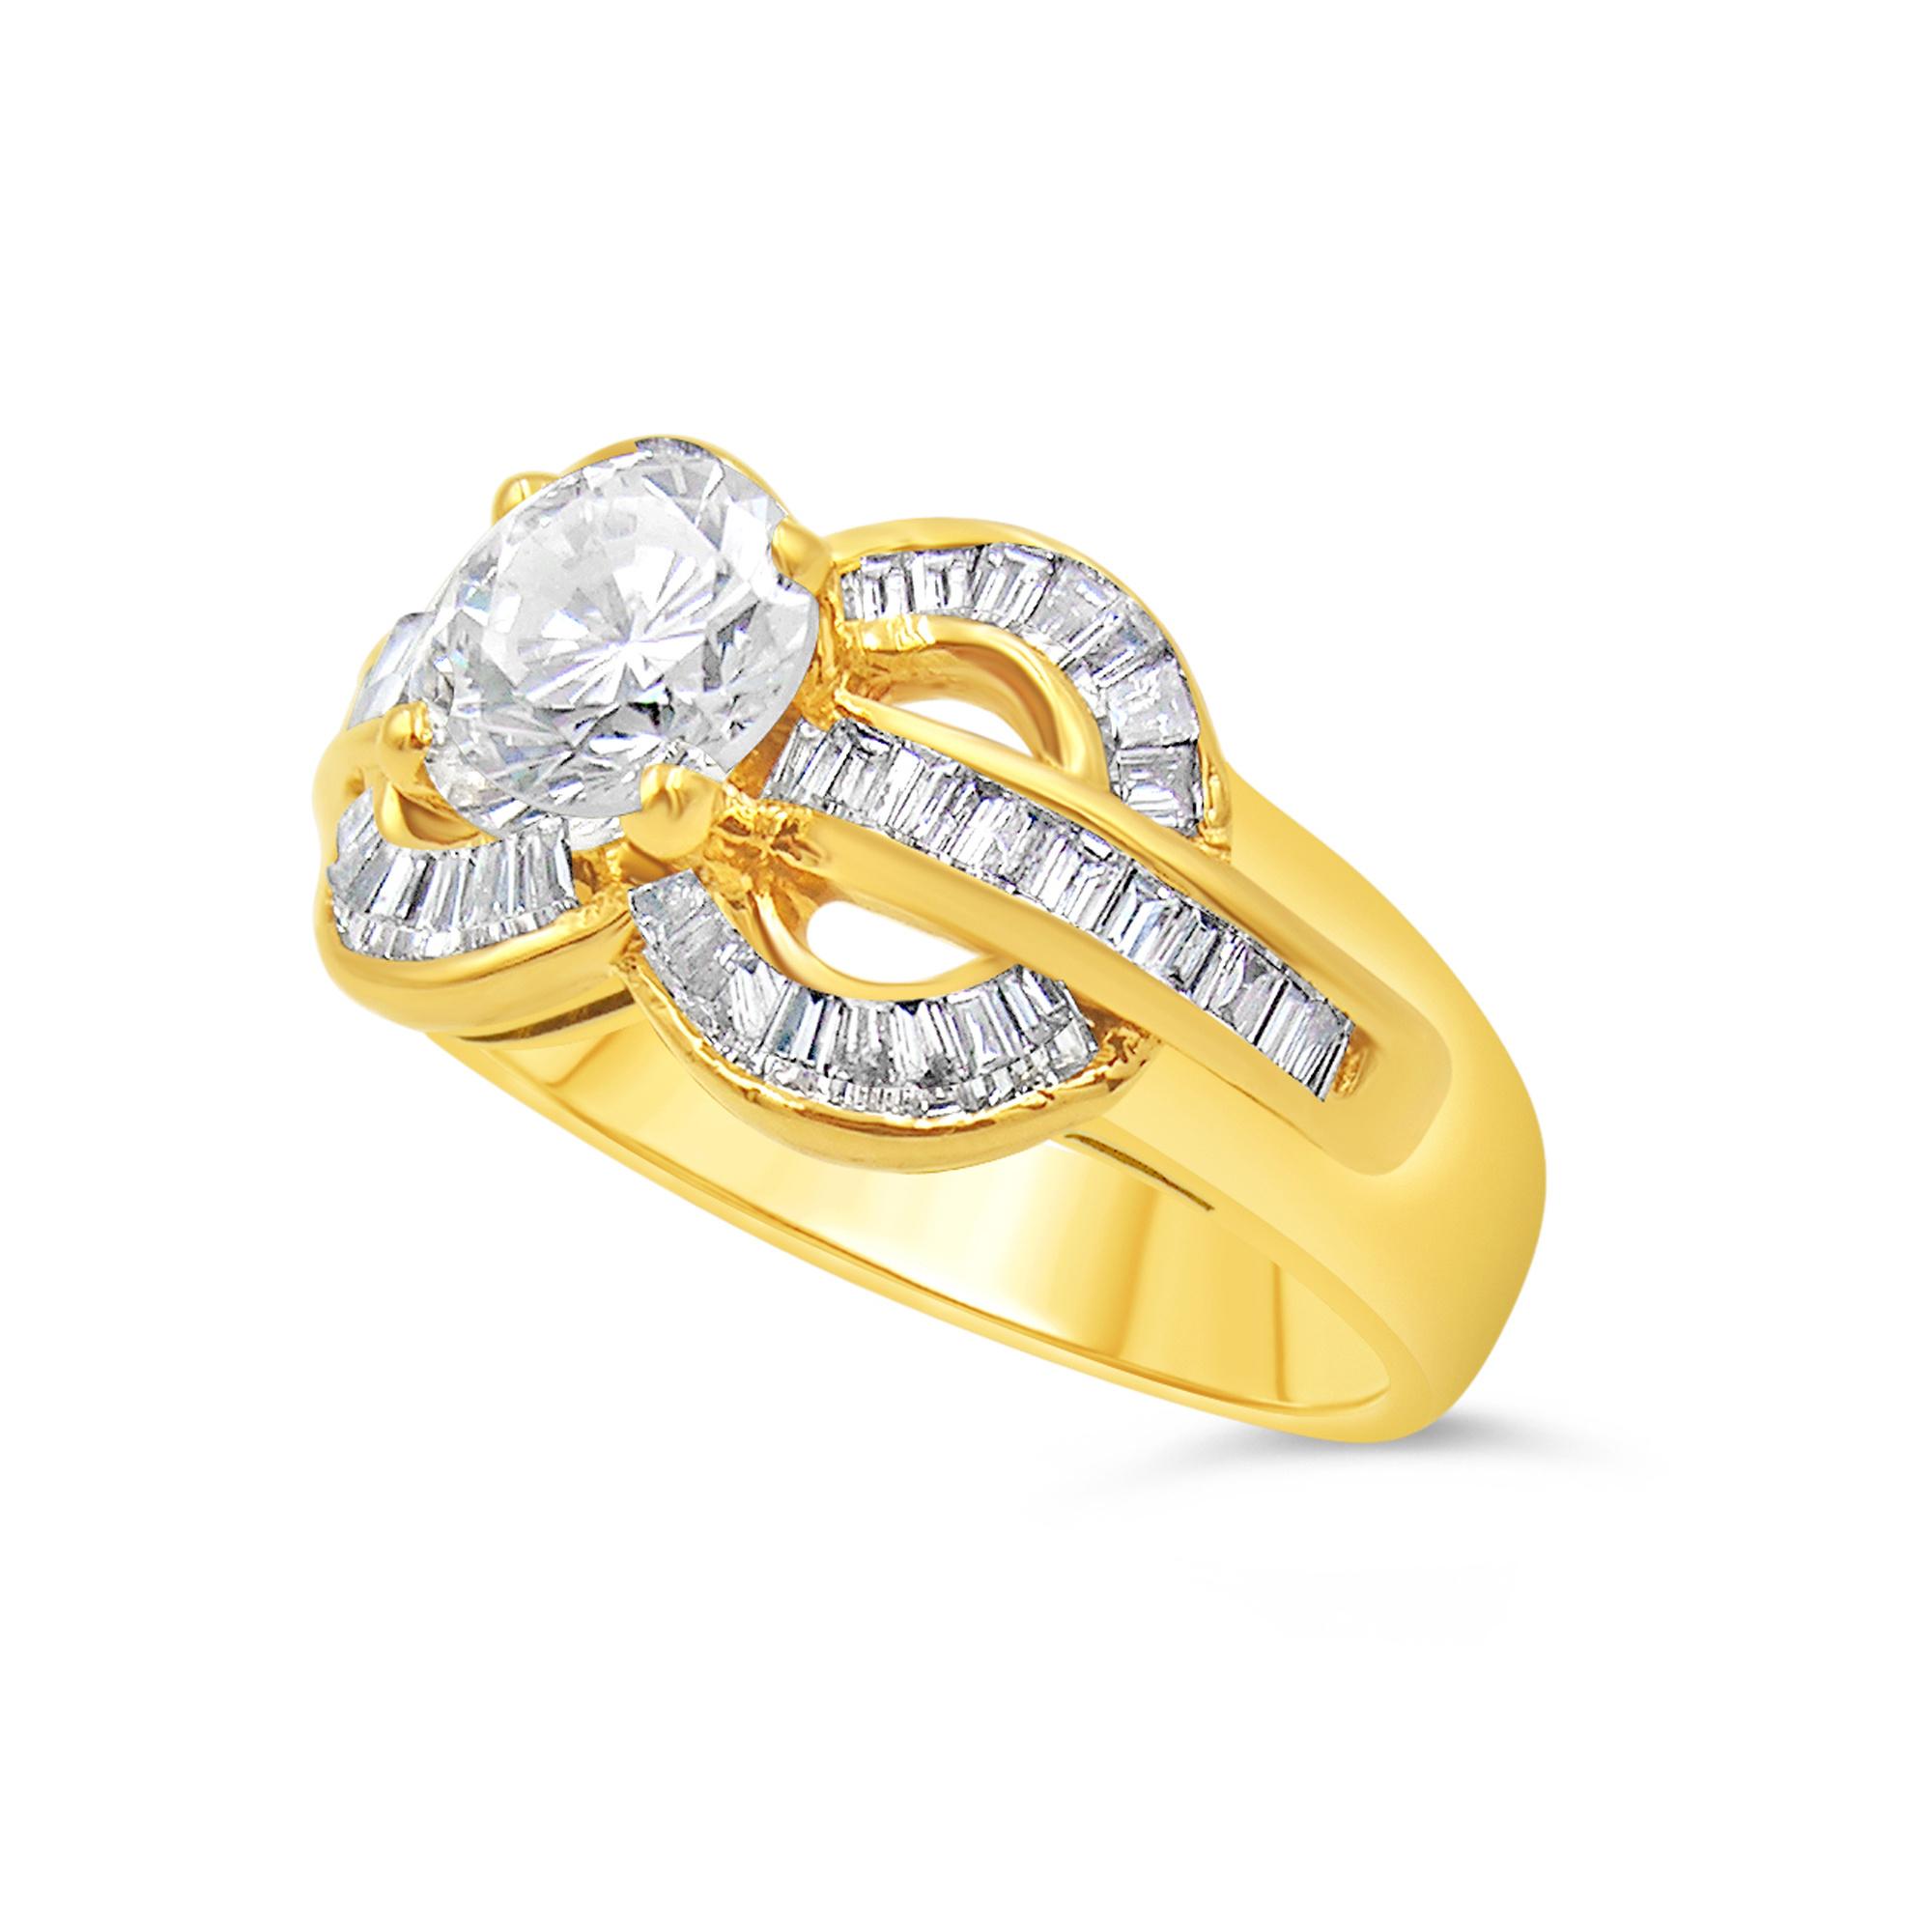 18kt geel goud verlovingsring met 1.62 ct diamanten